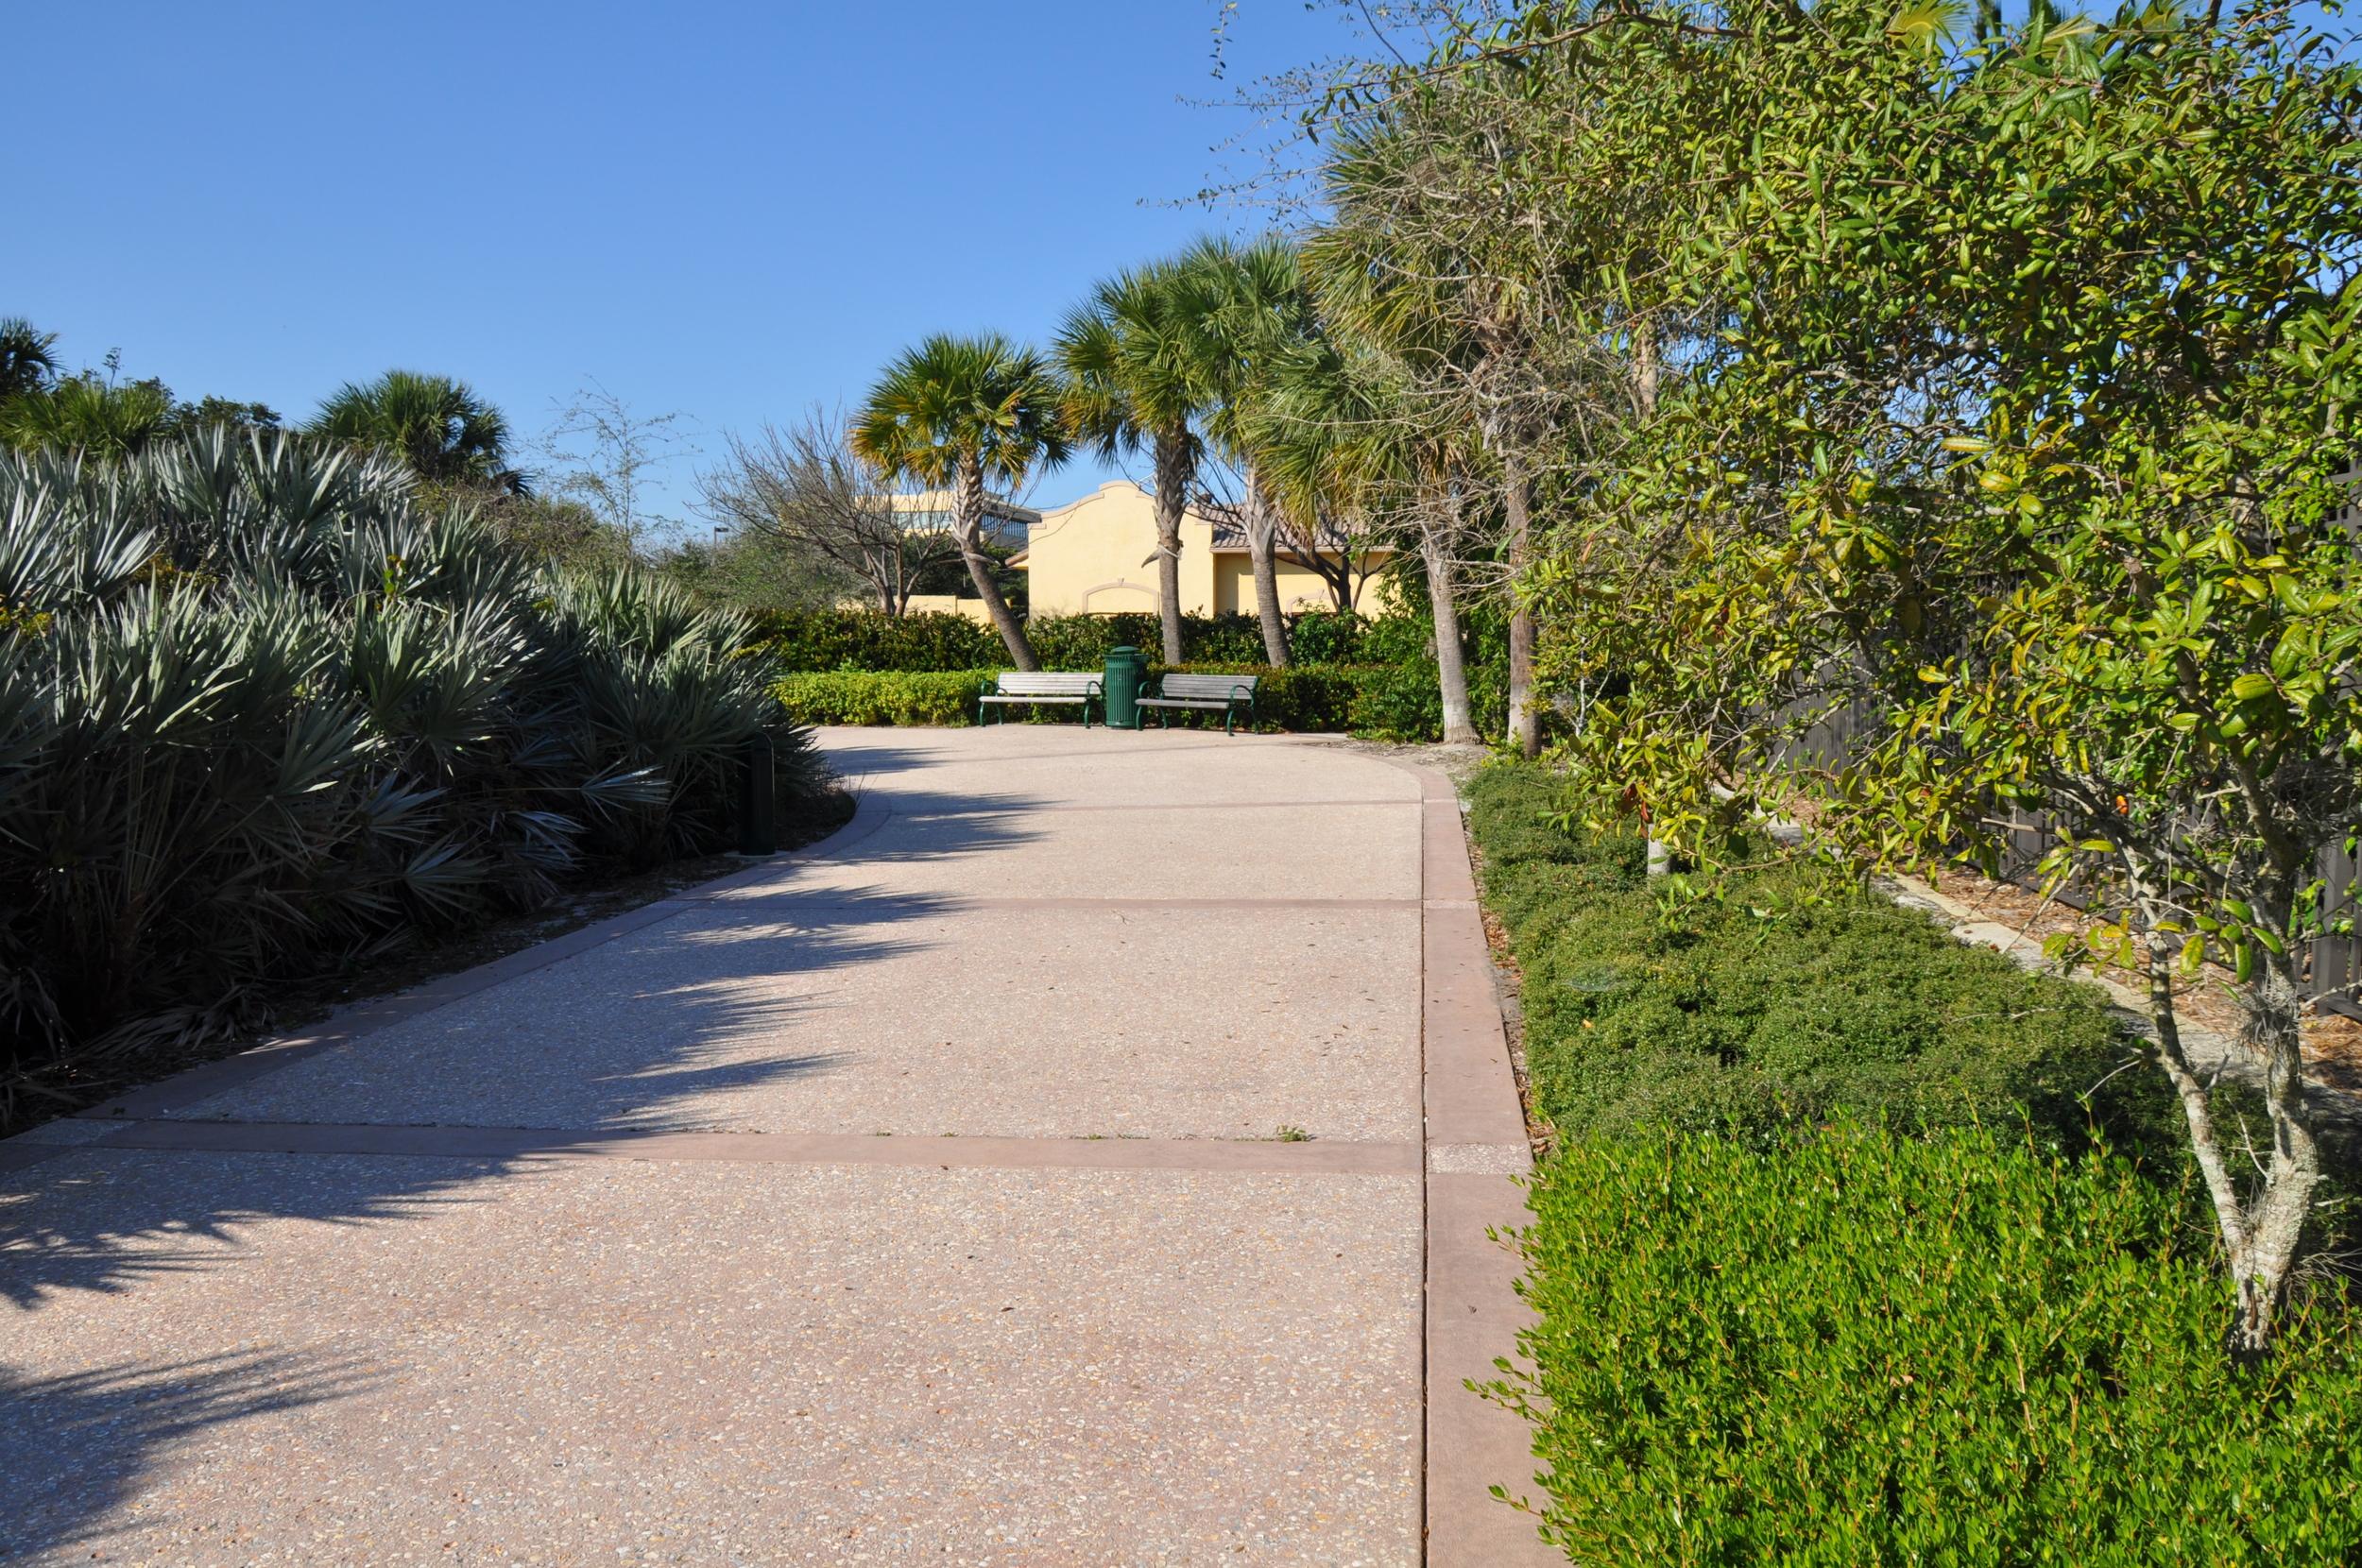 Tierra Del Sol Jupiter Florida Riverwalk Native Florida Landscping.JPG